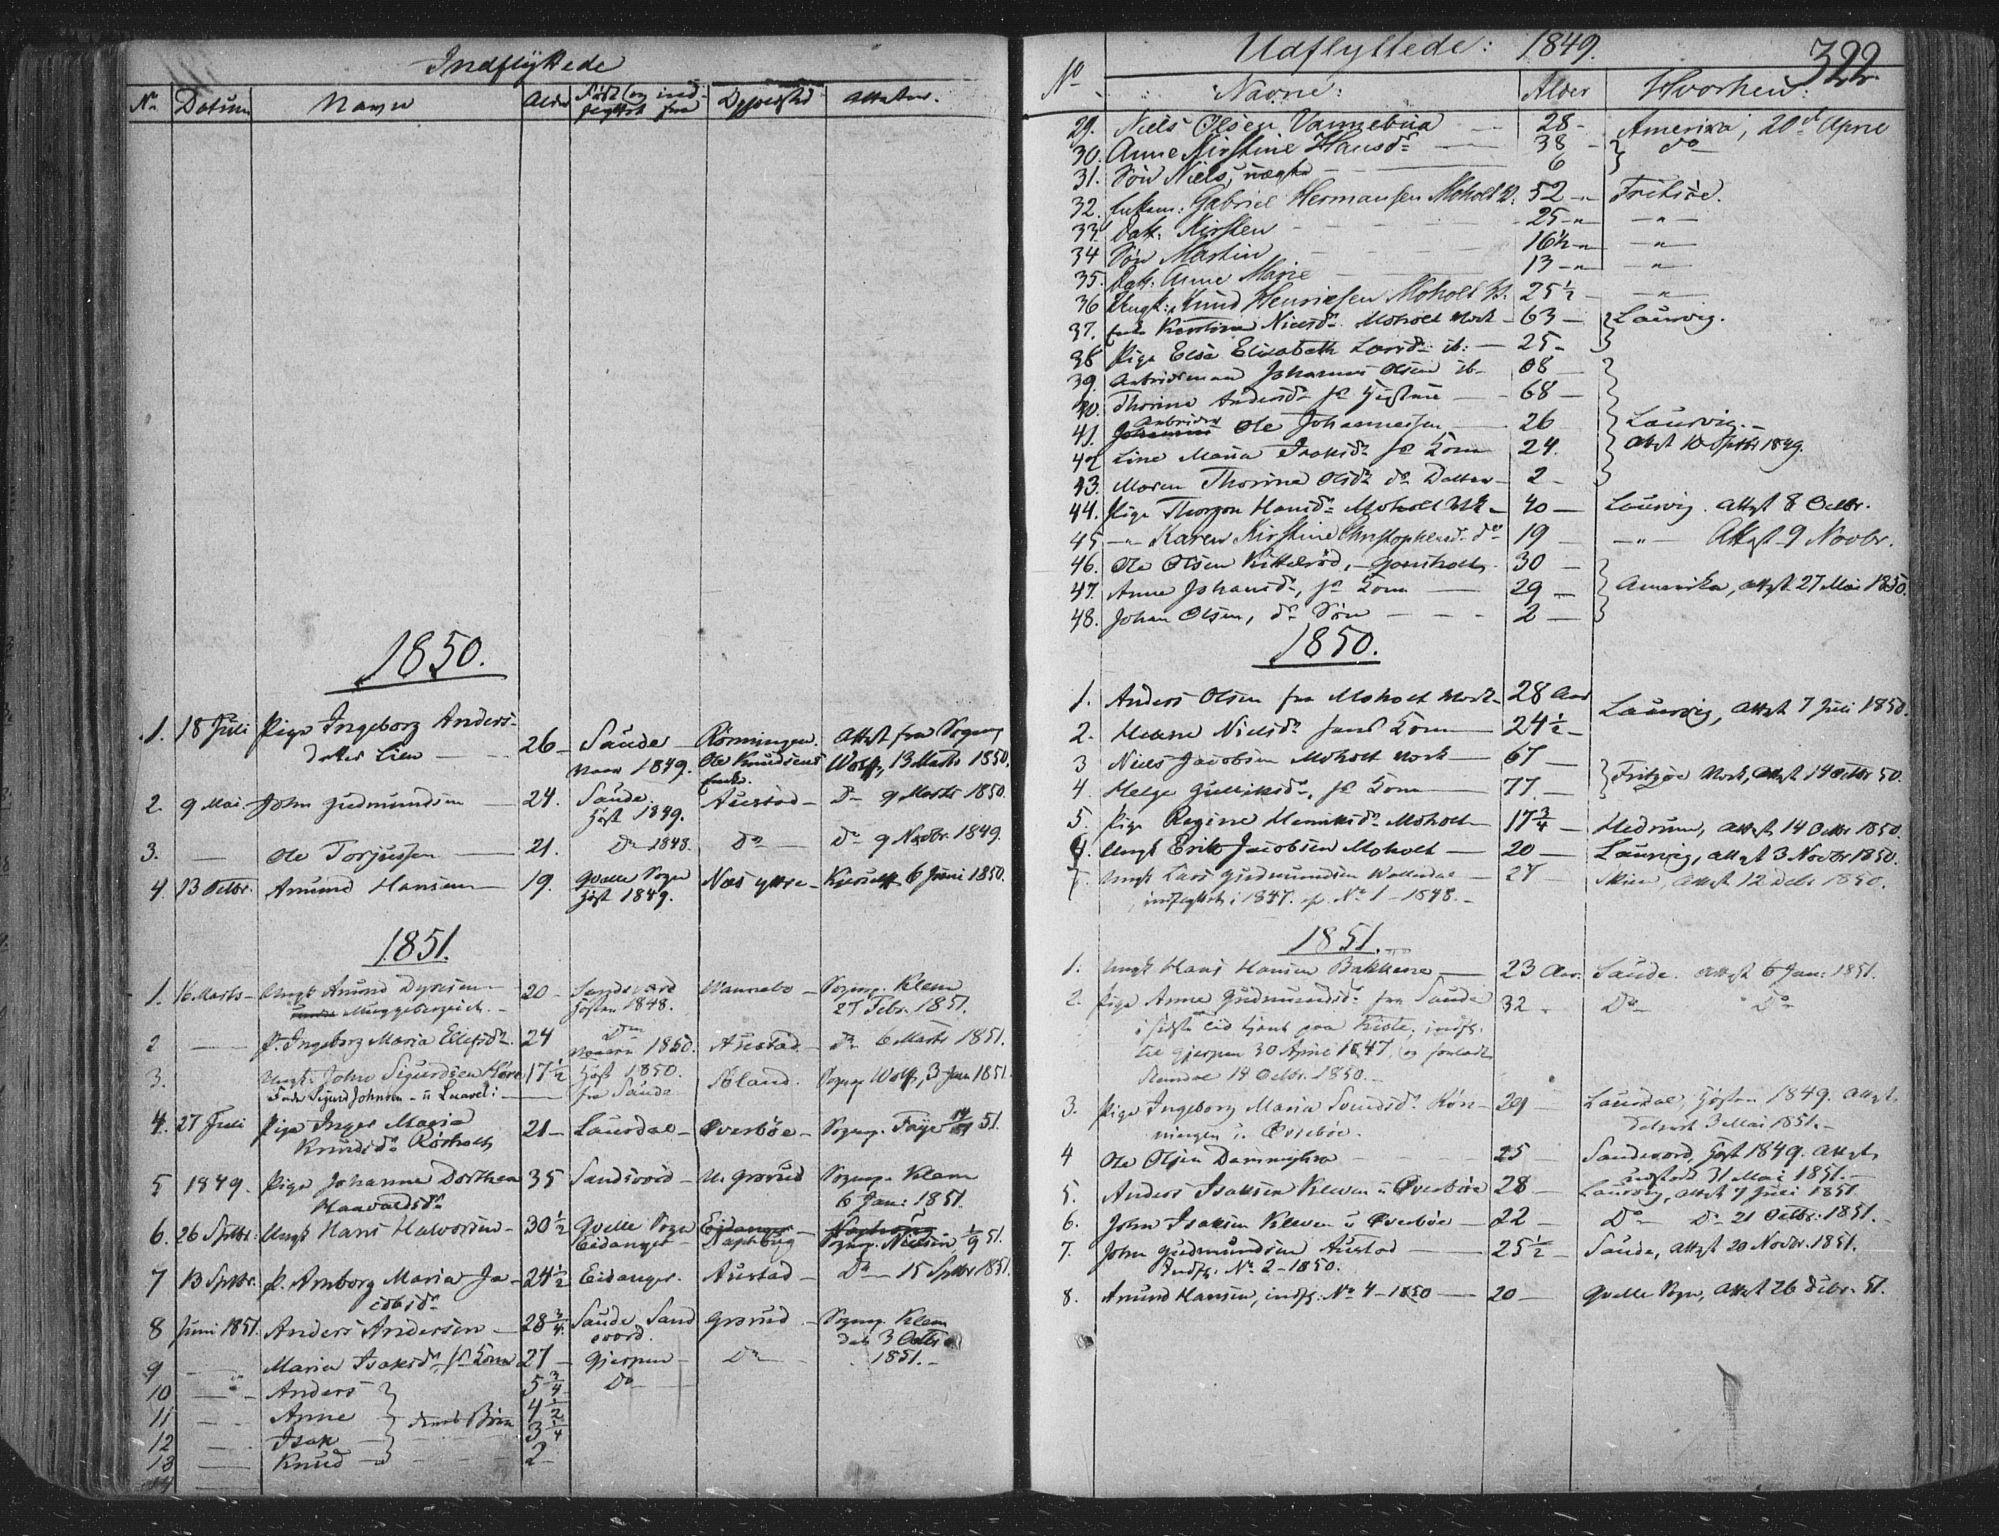 SAKO, Siljan kirkebøker, F/Fa/L0001: Ministerialbok nr. 1, 1831-1870, s. 322